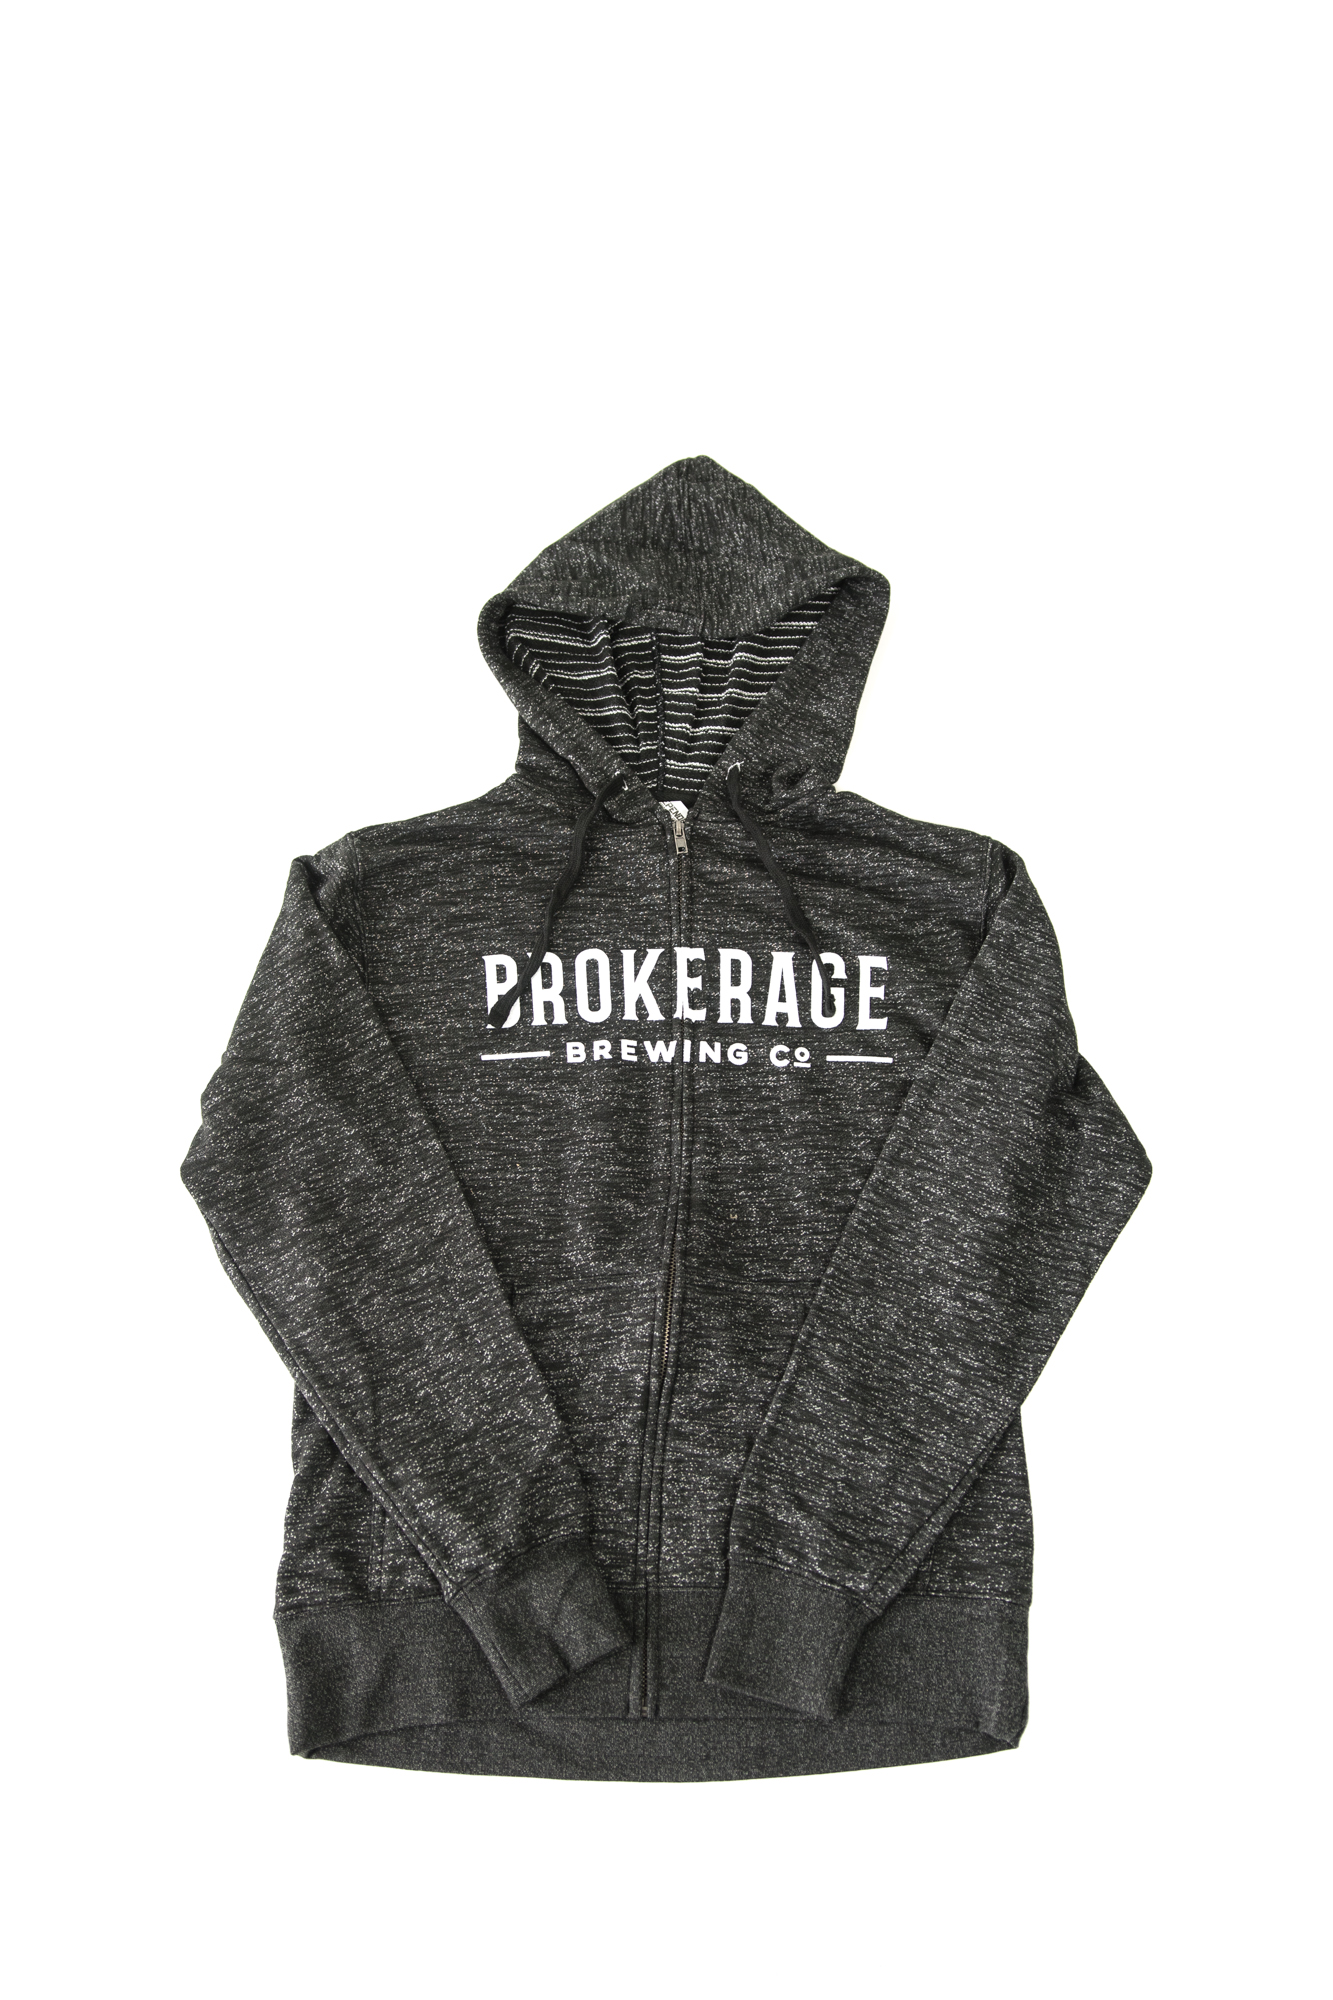 Hoodie: $44